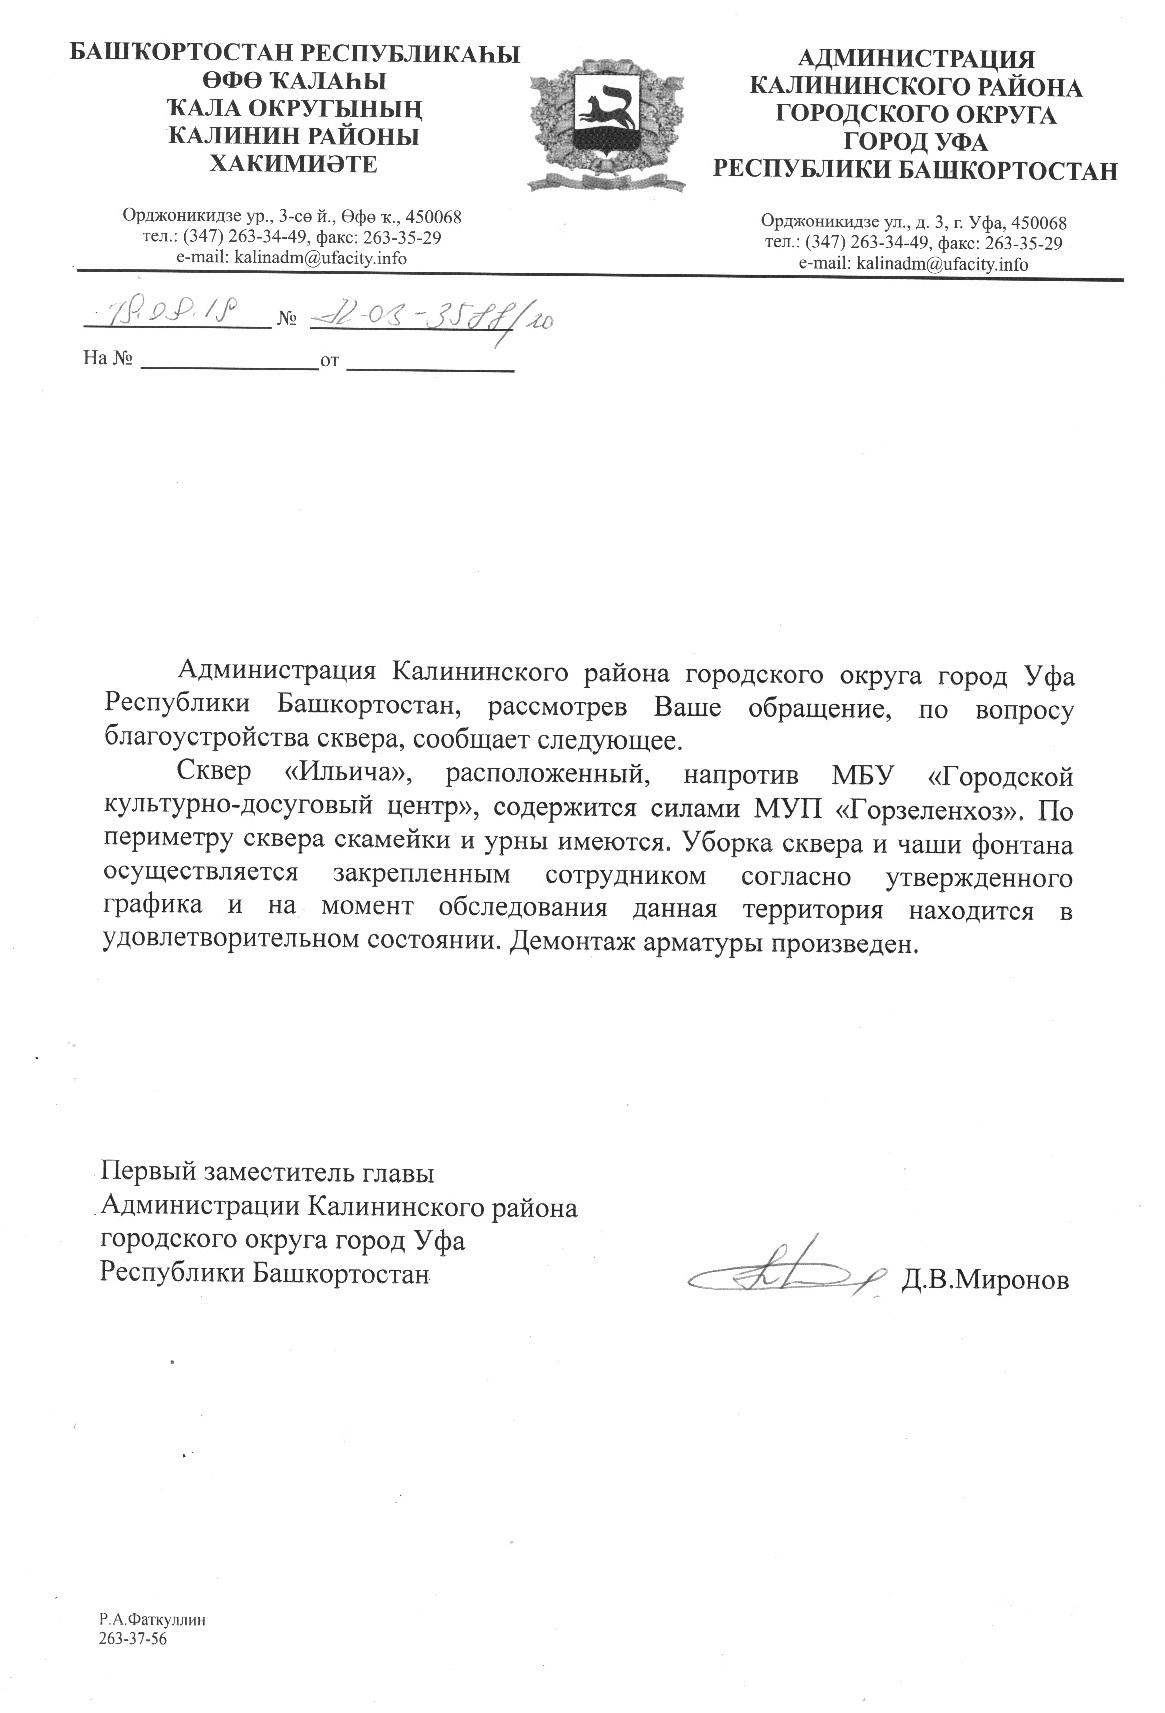 lozh po povodu armatury1572084454 - Наказание за заведомо ложные сведения в ответах на обращения граждан